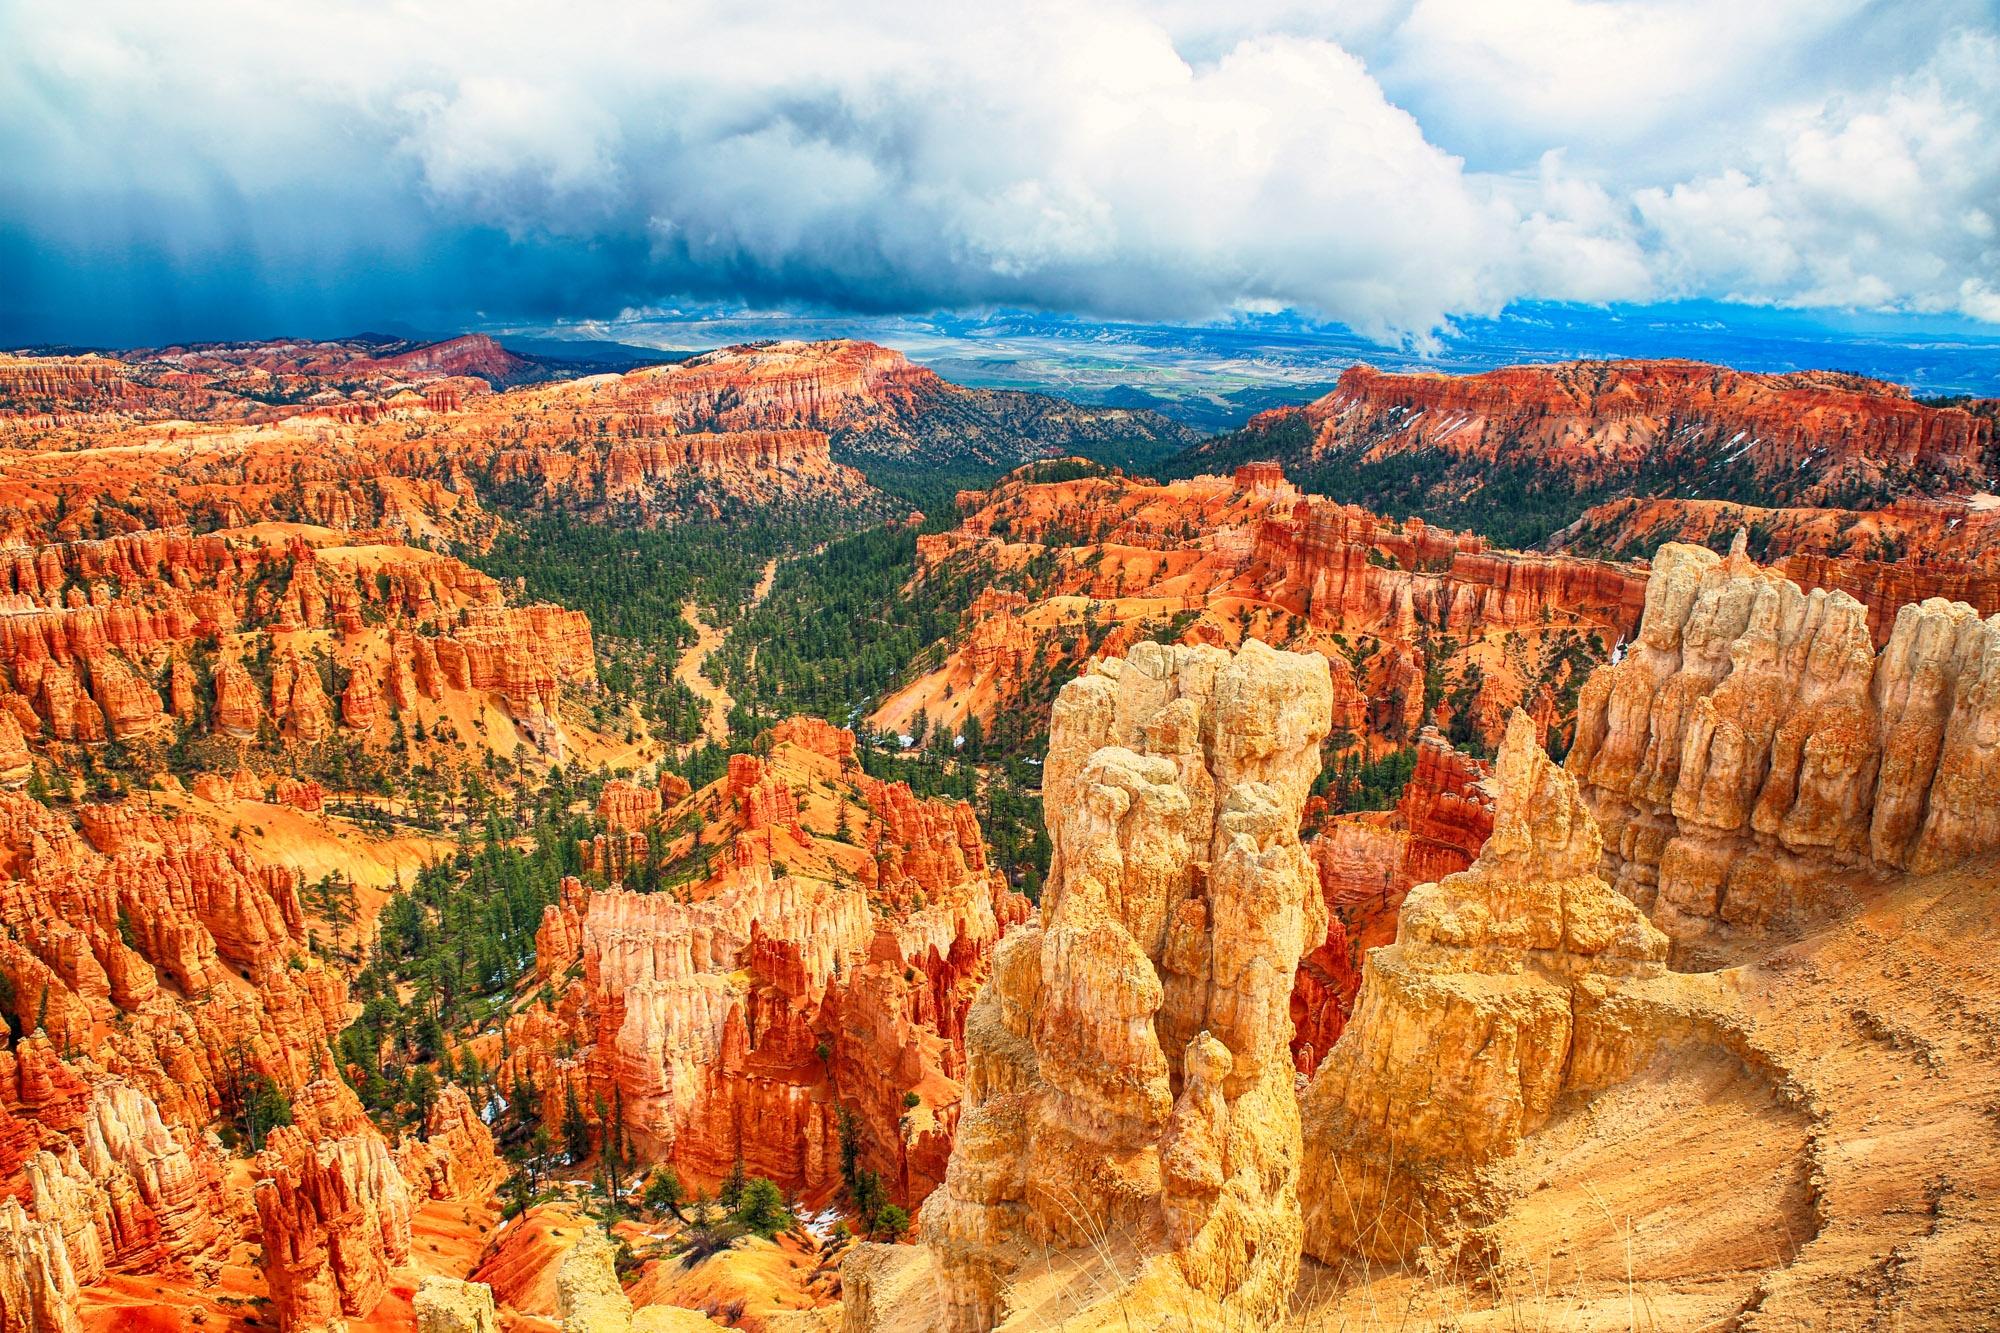 Bryce Canyon by Kjersti Holmang